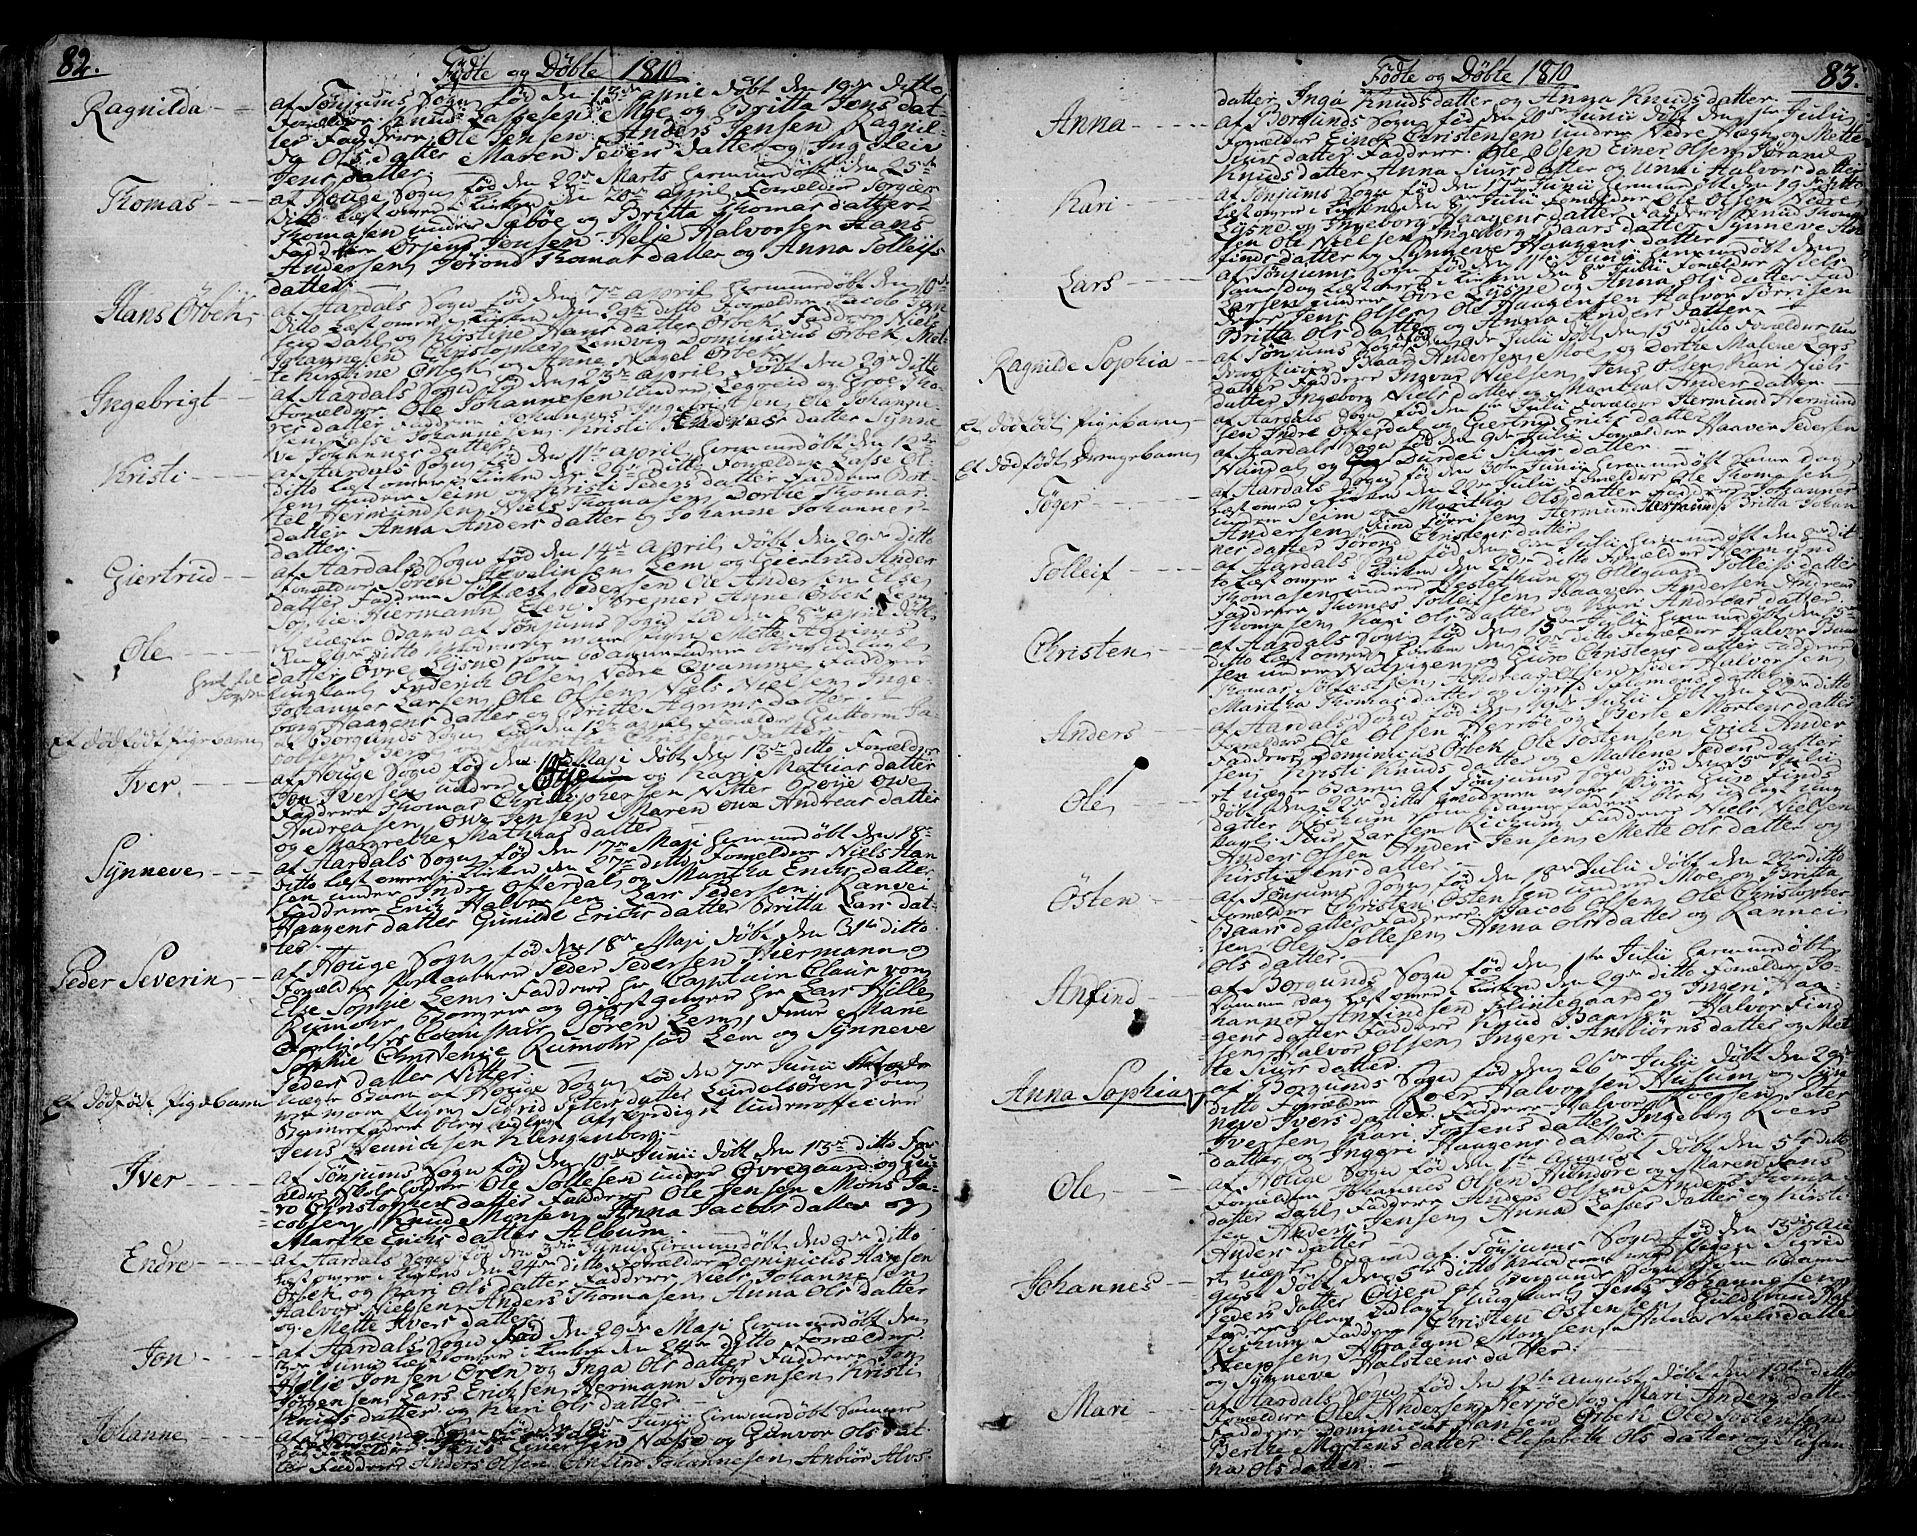 SAB, Lærdal sokneprestembete, Ministerialbok nr. A 4, 1805-1821, s. 82-83